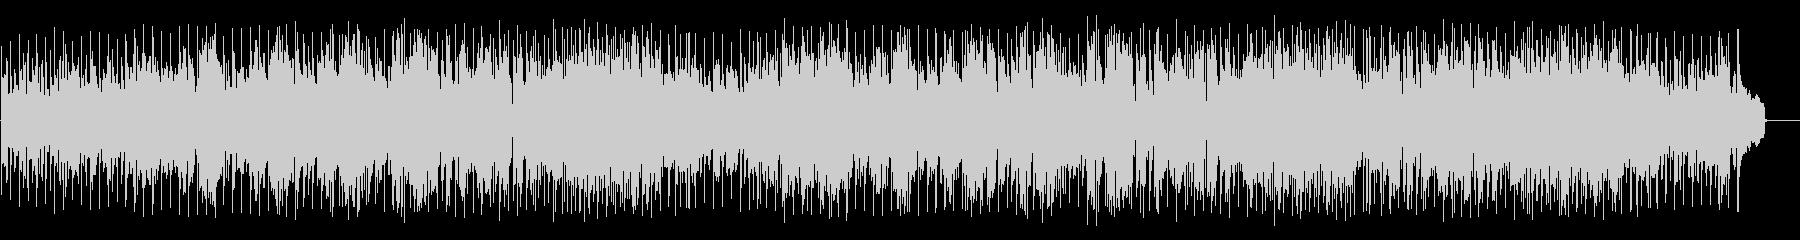 力強いファンク ポップ(フルサイズ)の未再生の波形